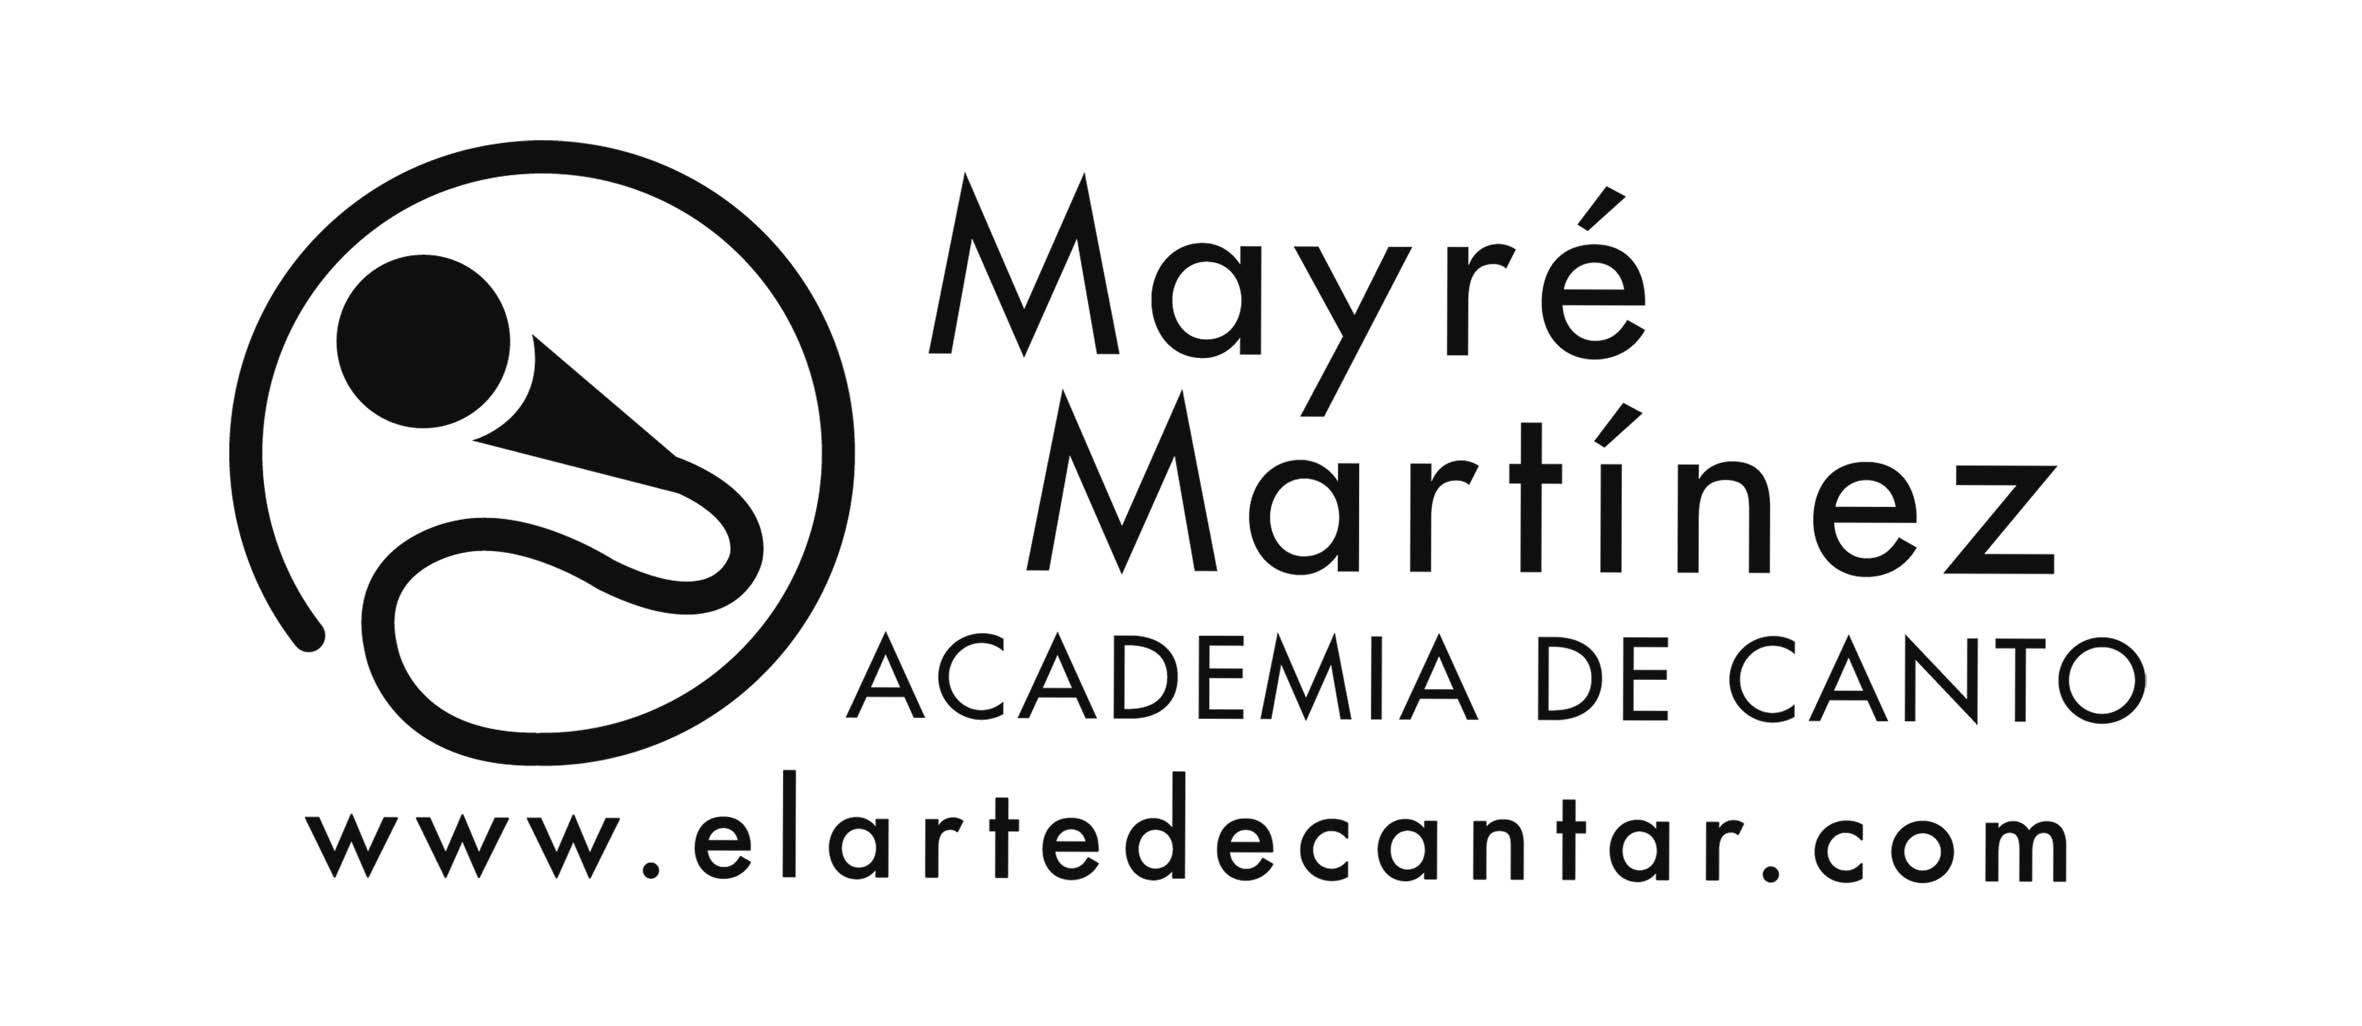 Clases de Canto - Método Mayré Martínez